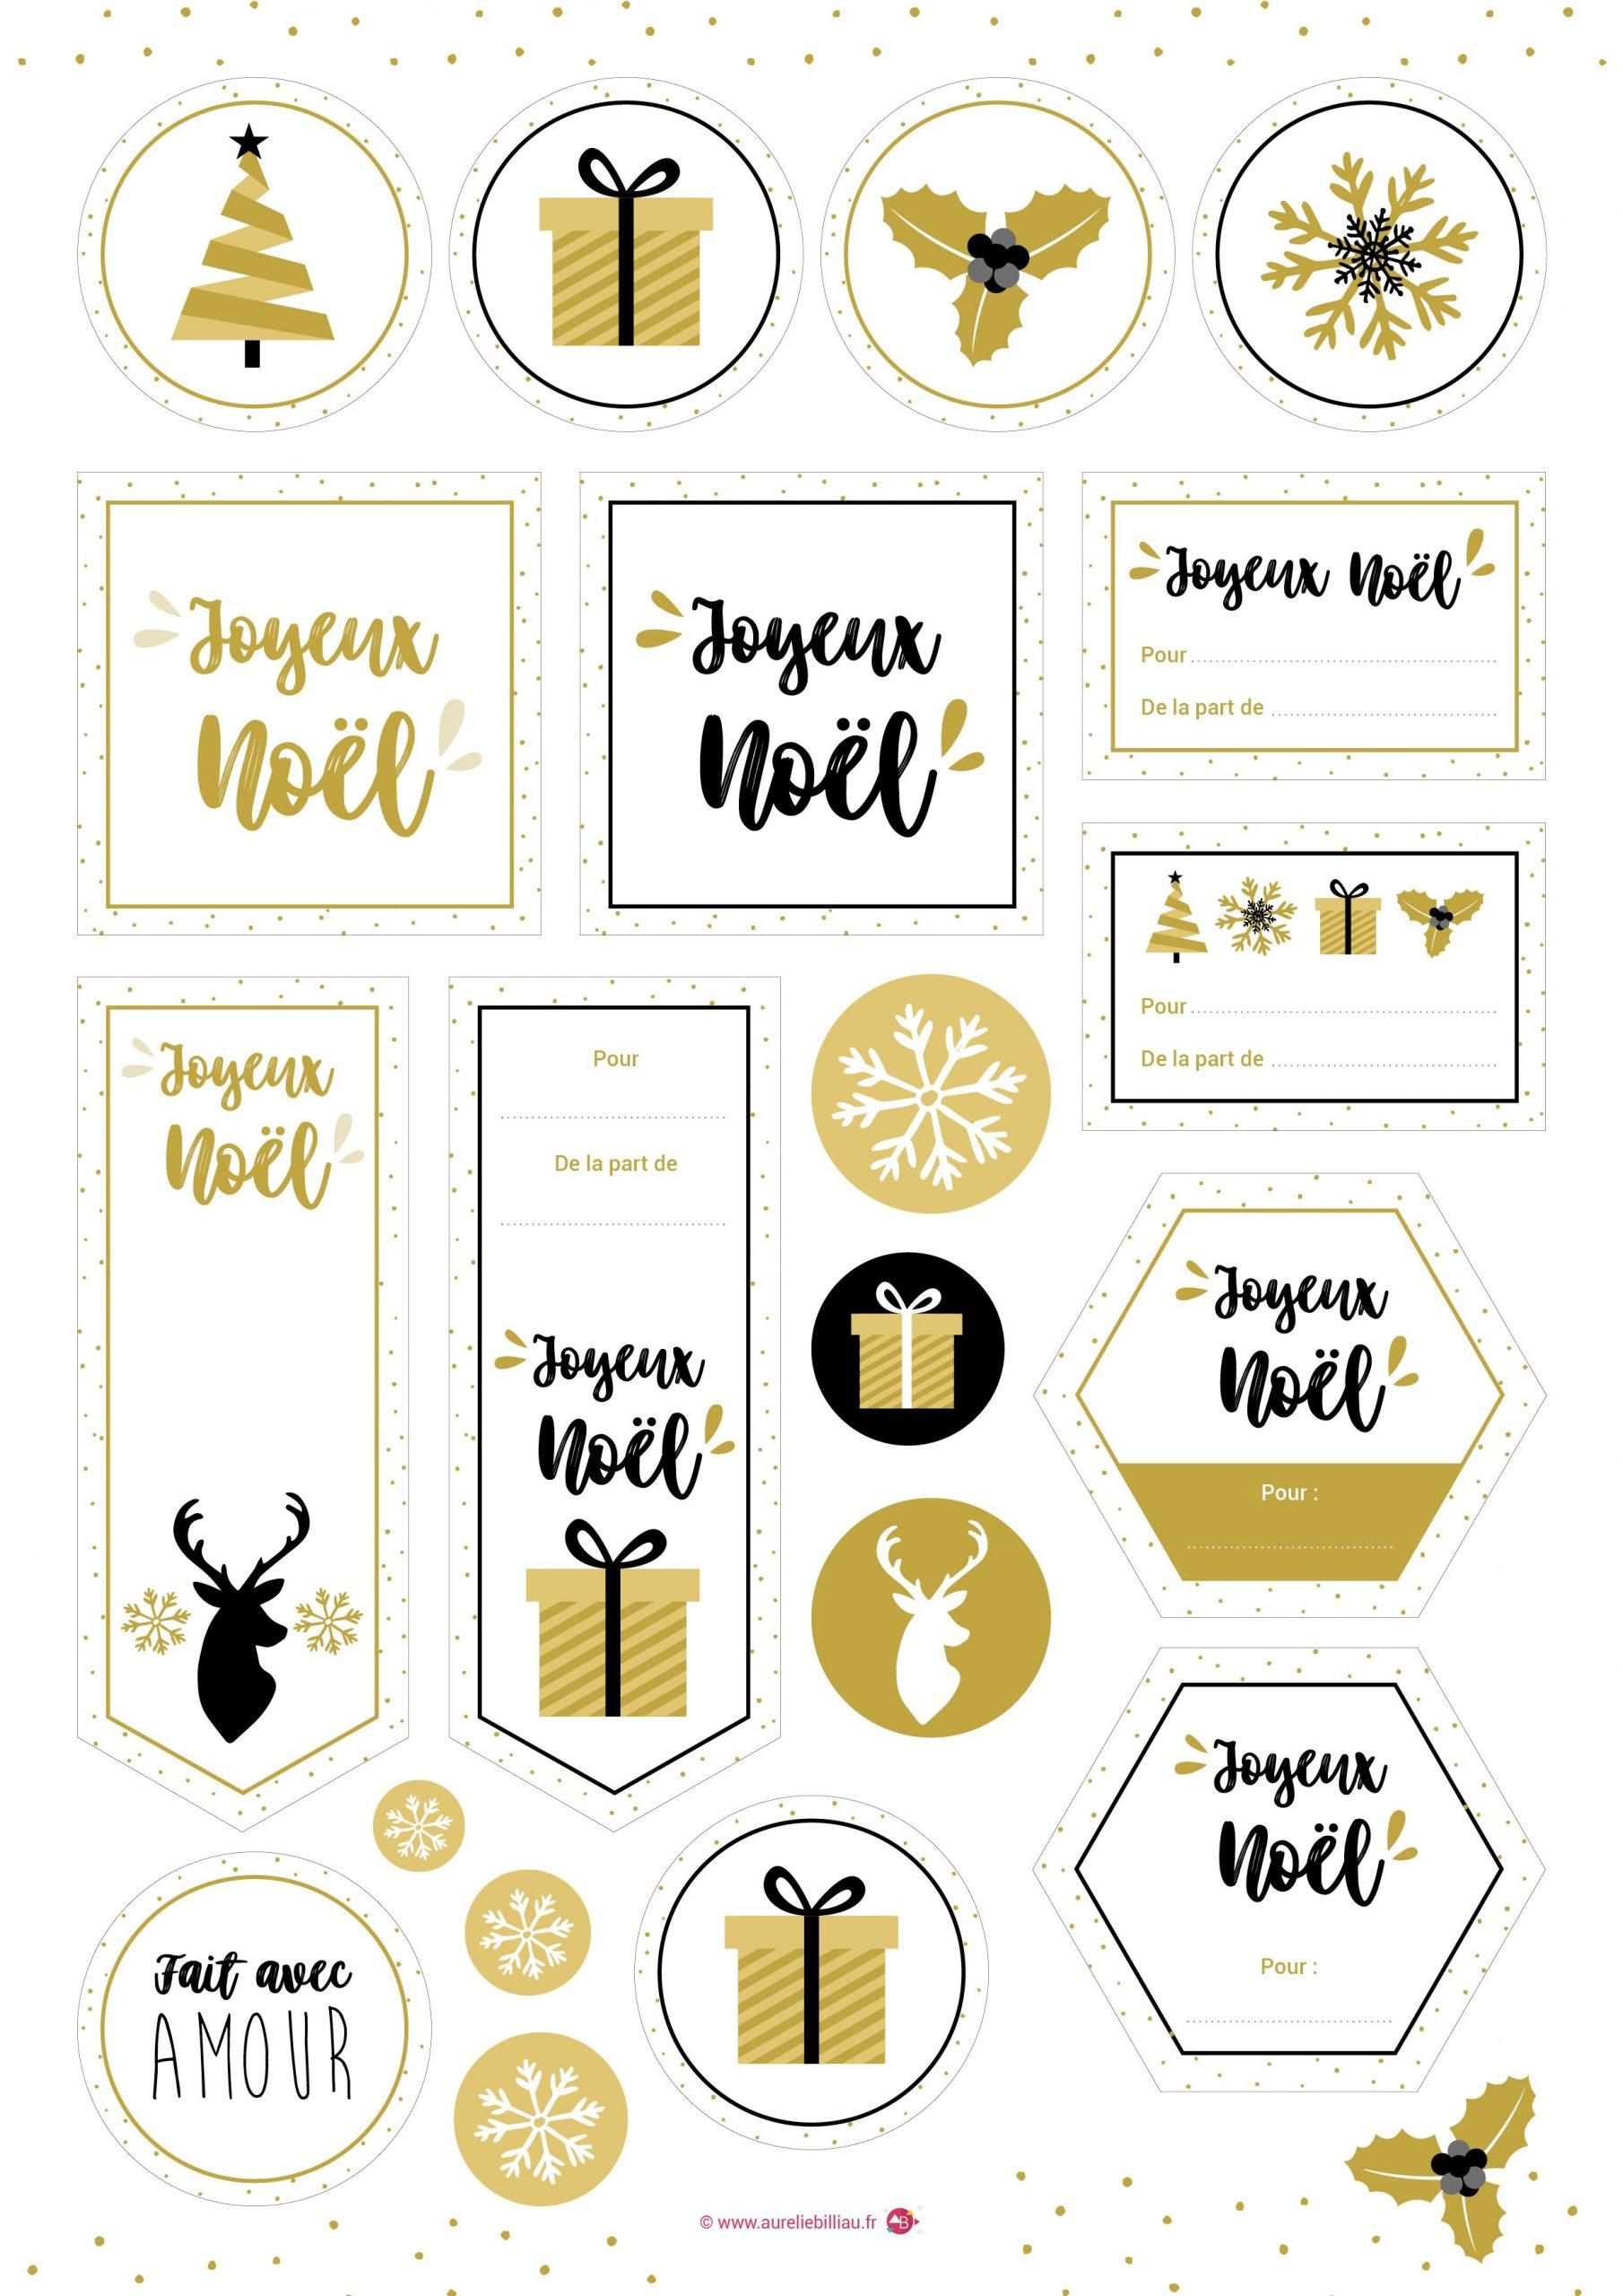 Freebies : Étiquettes De Noël À Imprimer Gratuitement ! Ce pour Découpage Gratuit À Imprimer